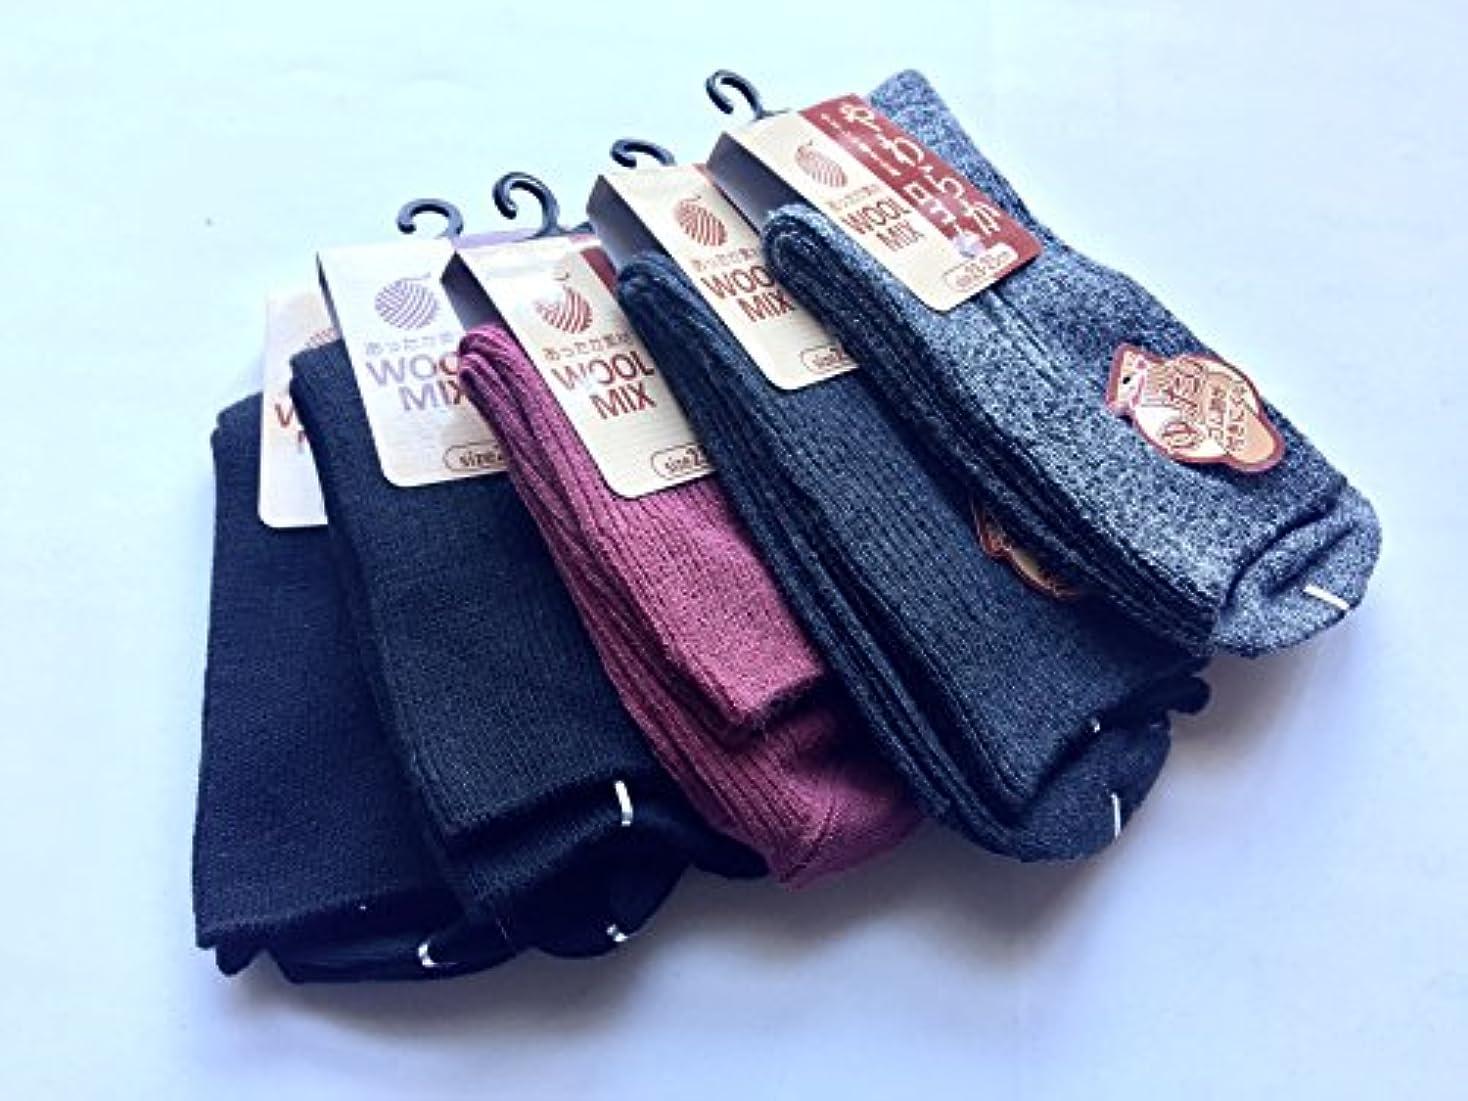 ソビエト特性事業内容靴下 レディース あったか ふんわり毛混 ウール混 口ゴムゆったり 23-25cm お買得5足組(色はお任せ)